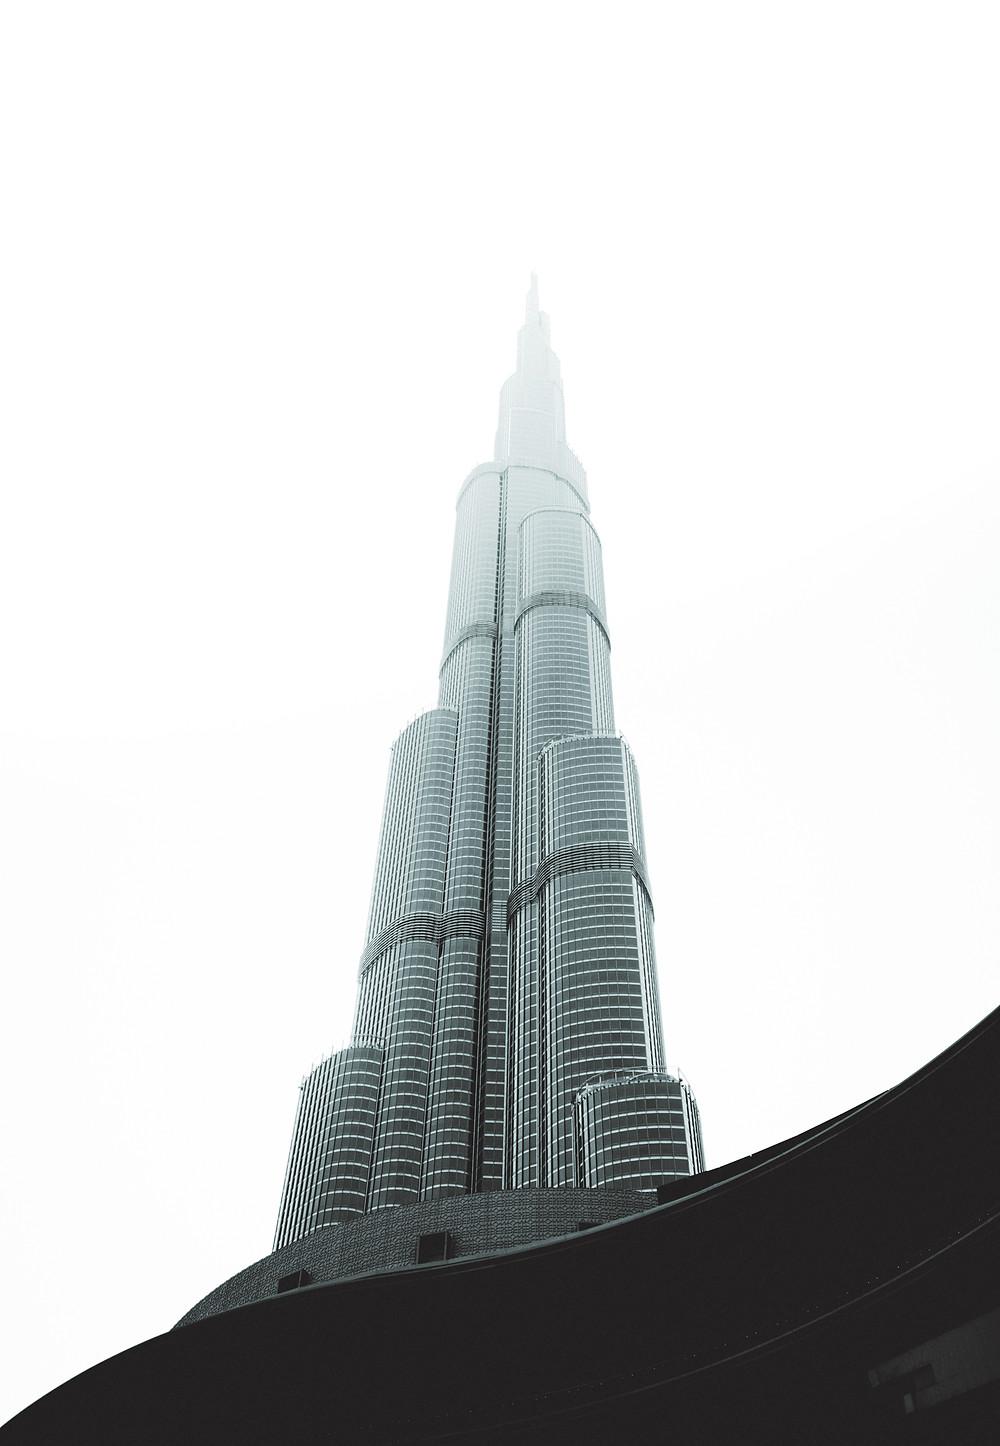 Burj Khalifa Skyscraper